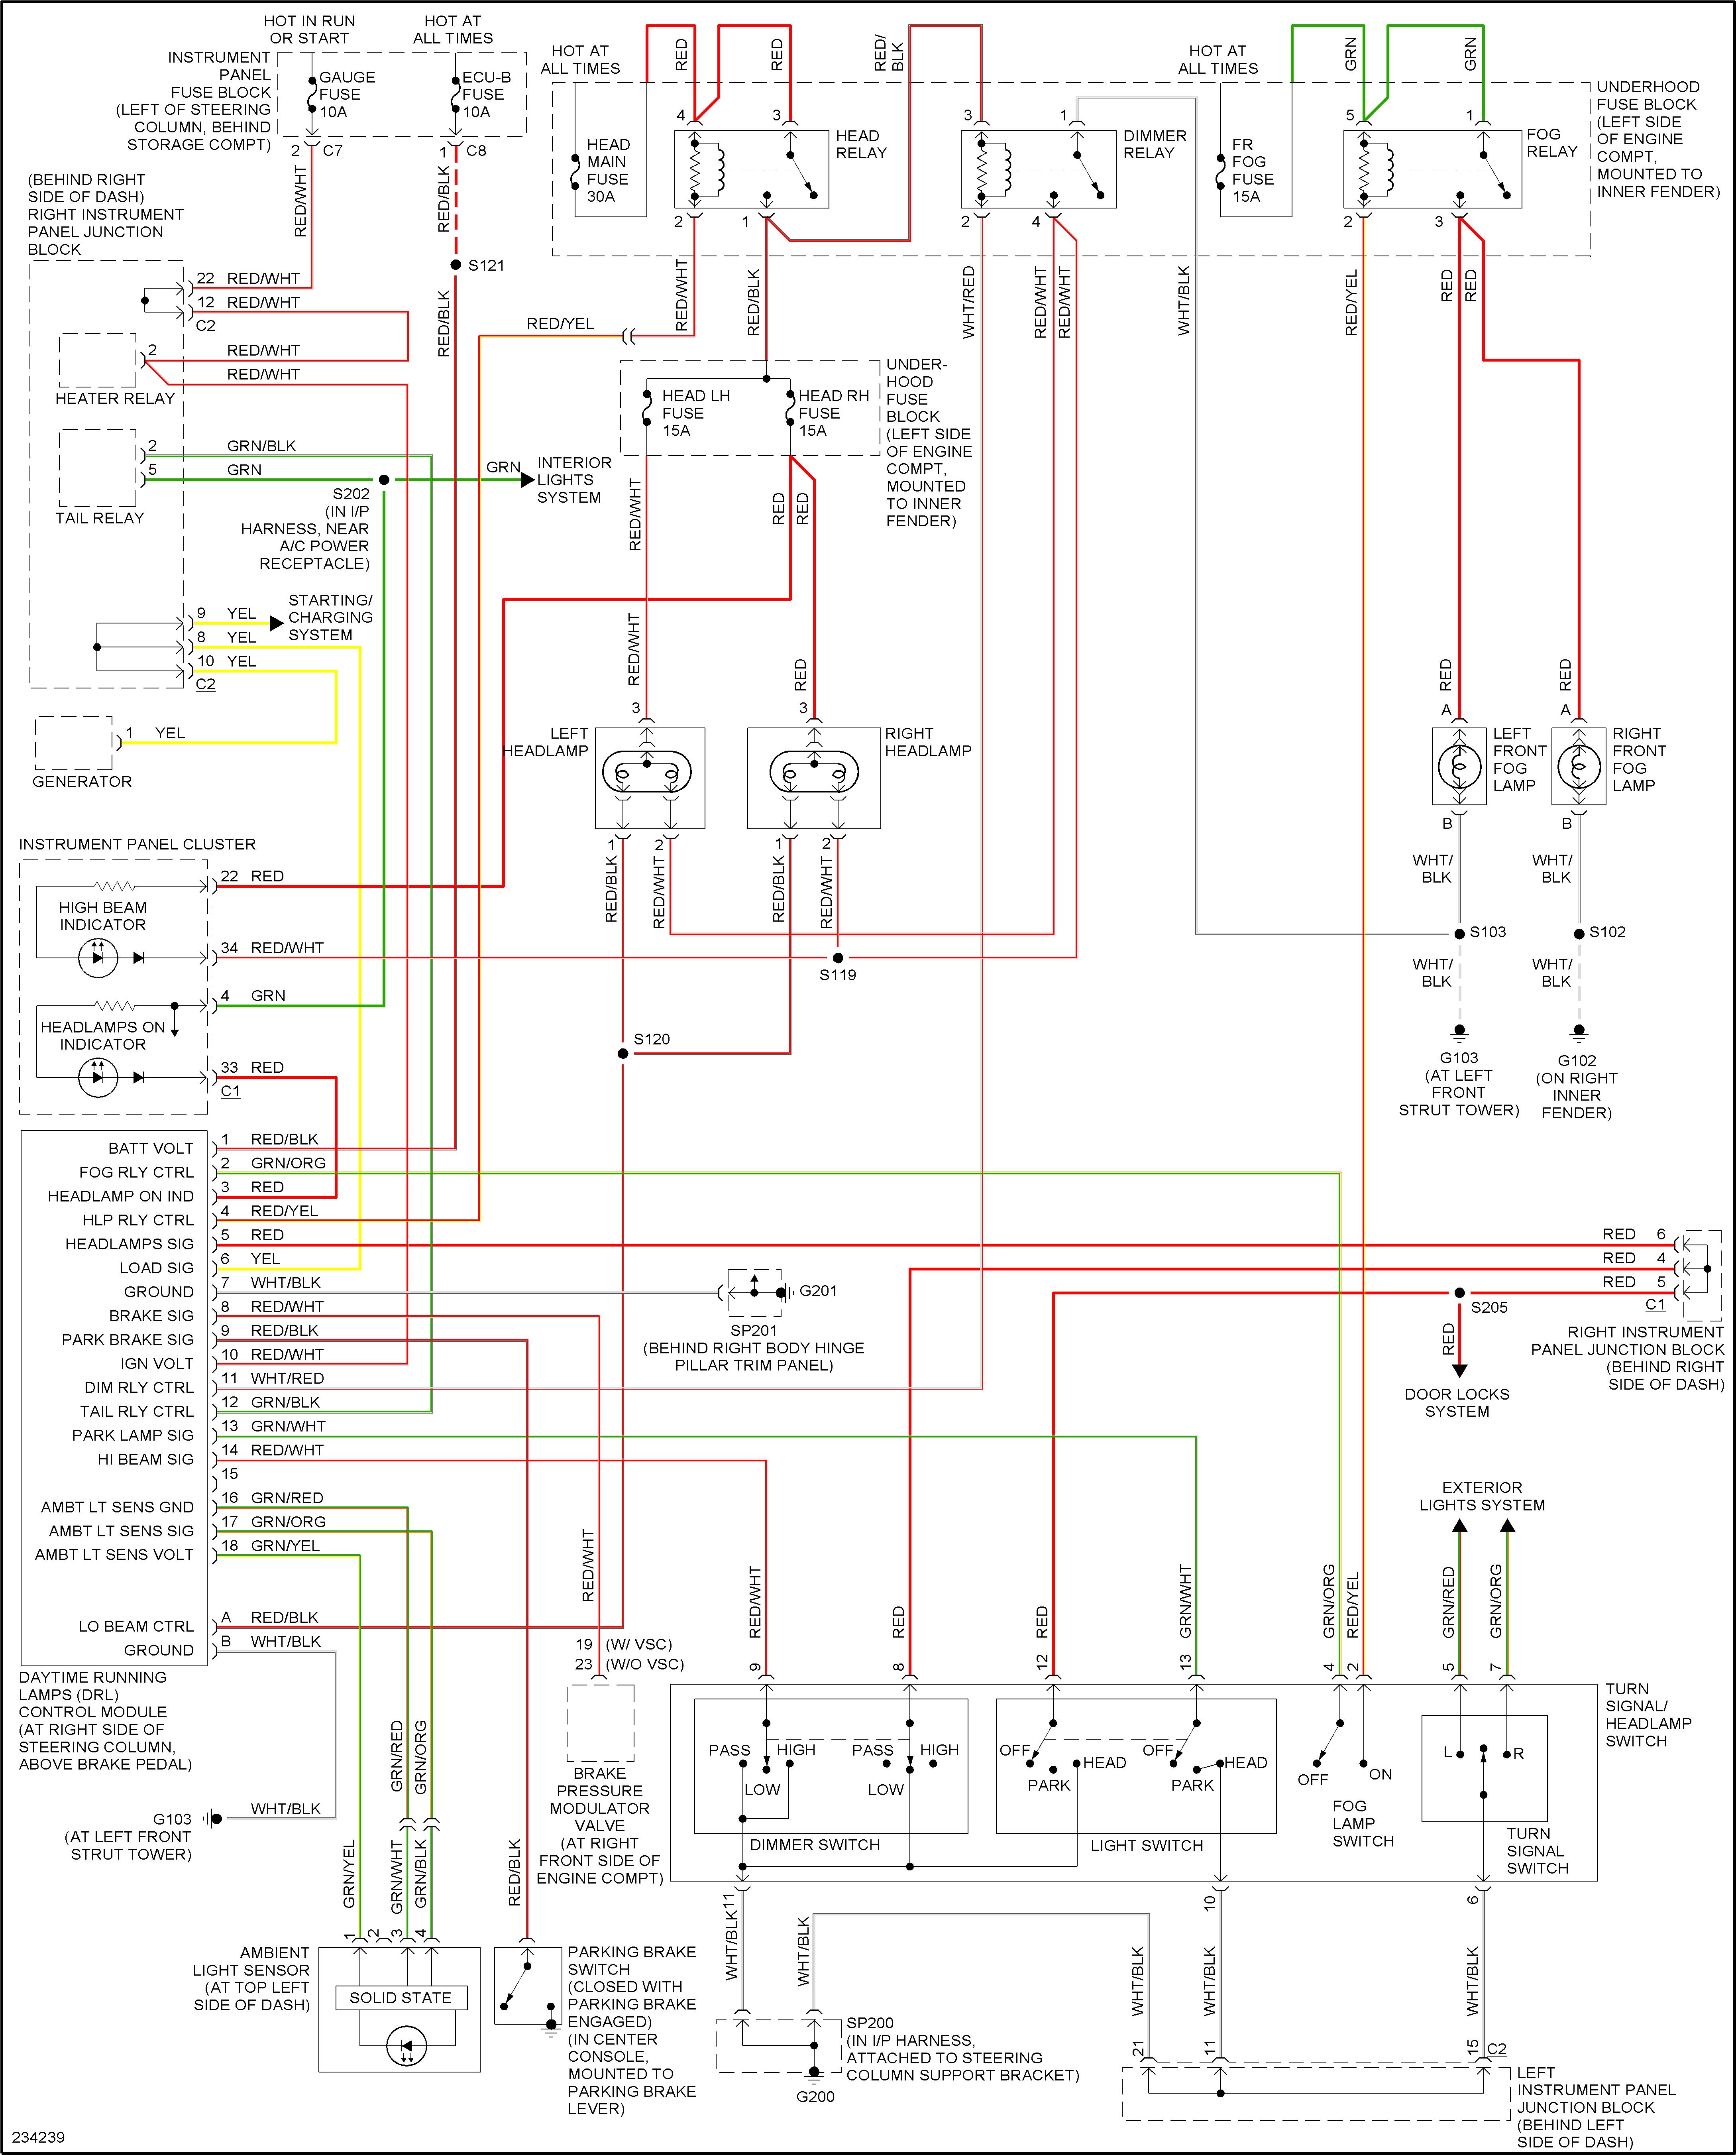 cc56b14e-8d2f-442e-8953-689cd67bf88c_drlheadlights.png